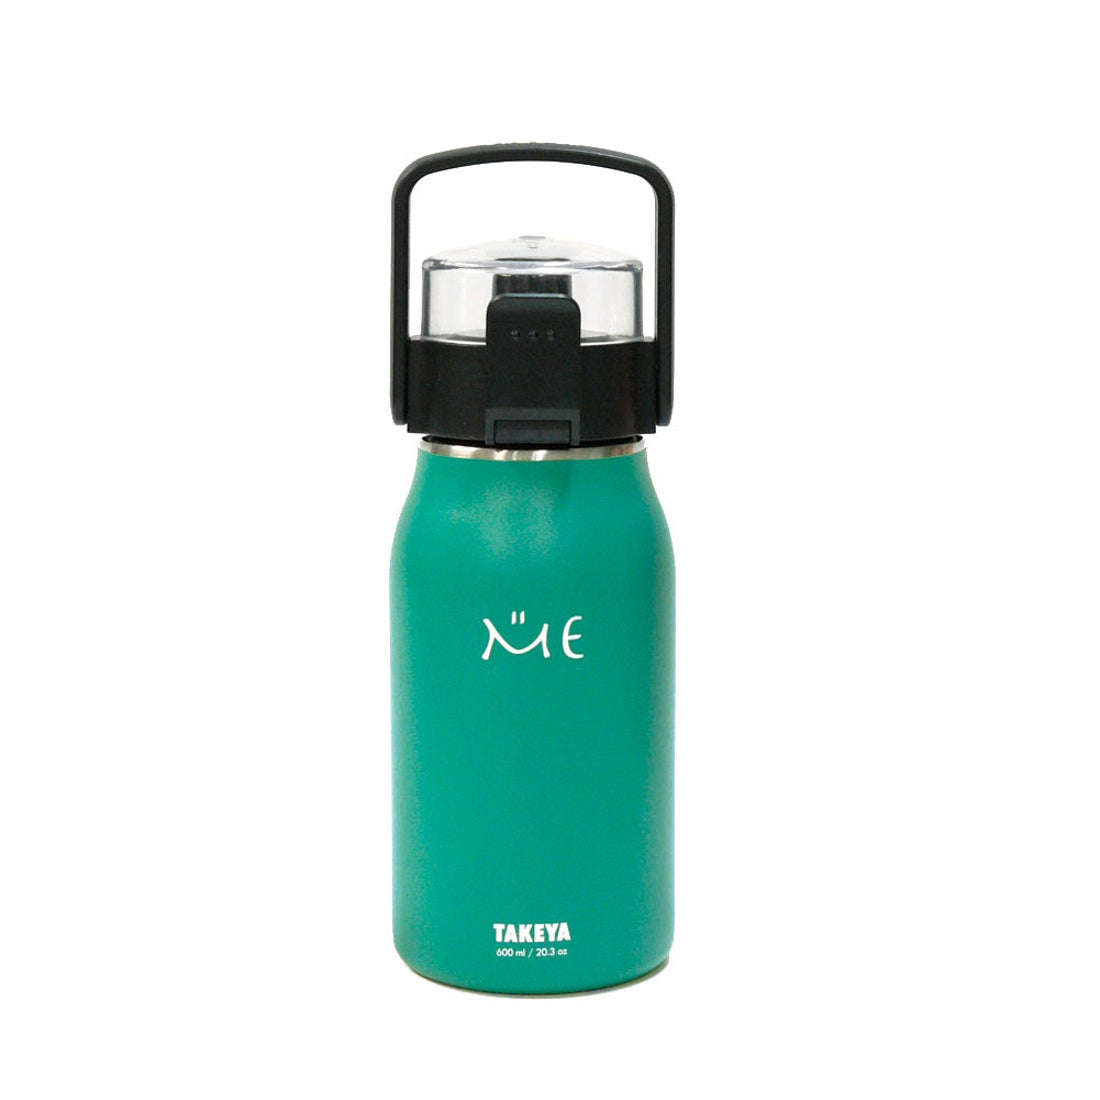 ノーブランド No Brand ステンレスボトル ミーボトル 600ml (グリーン)